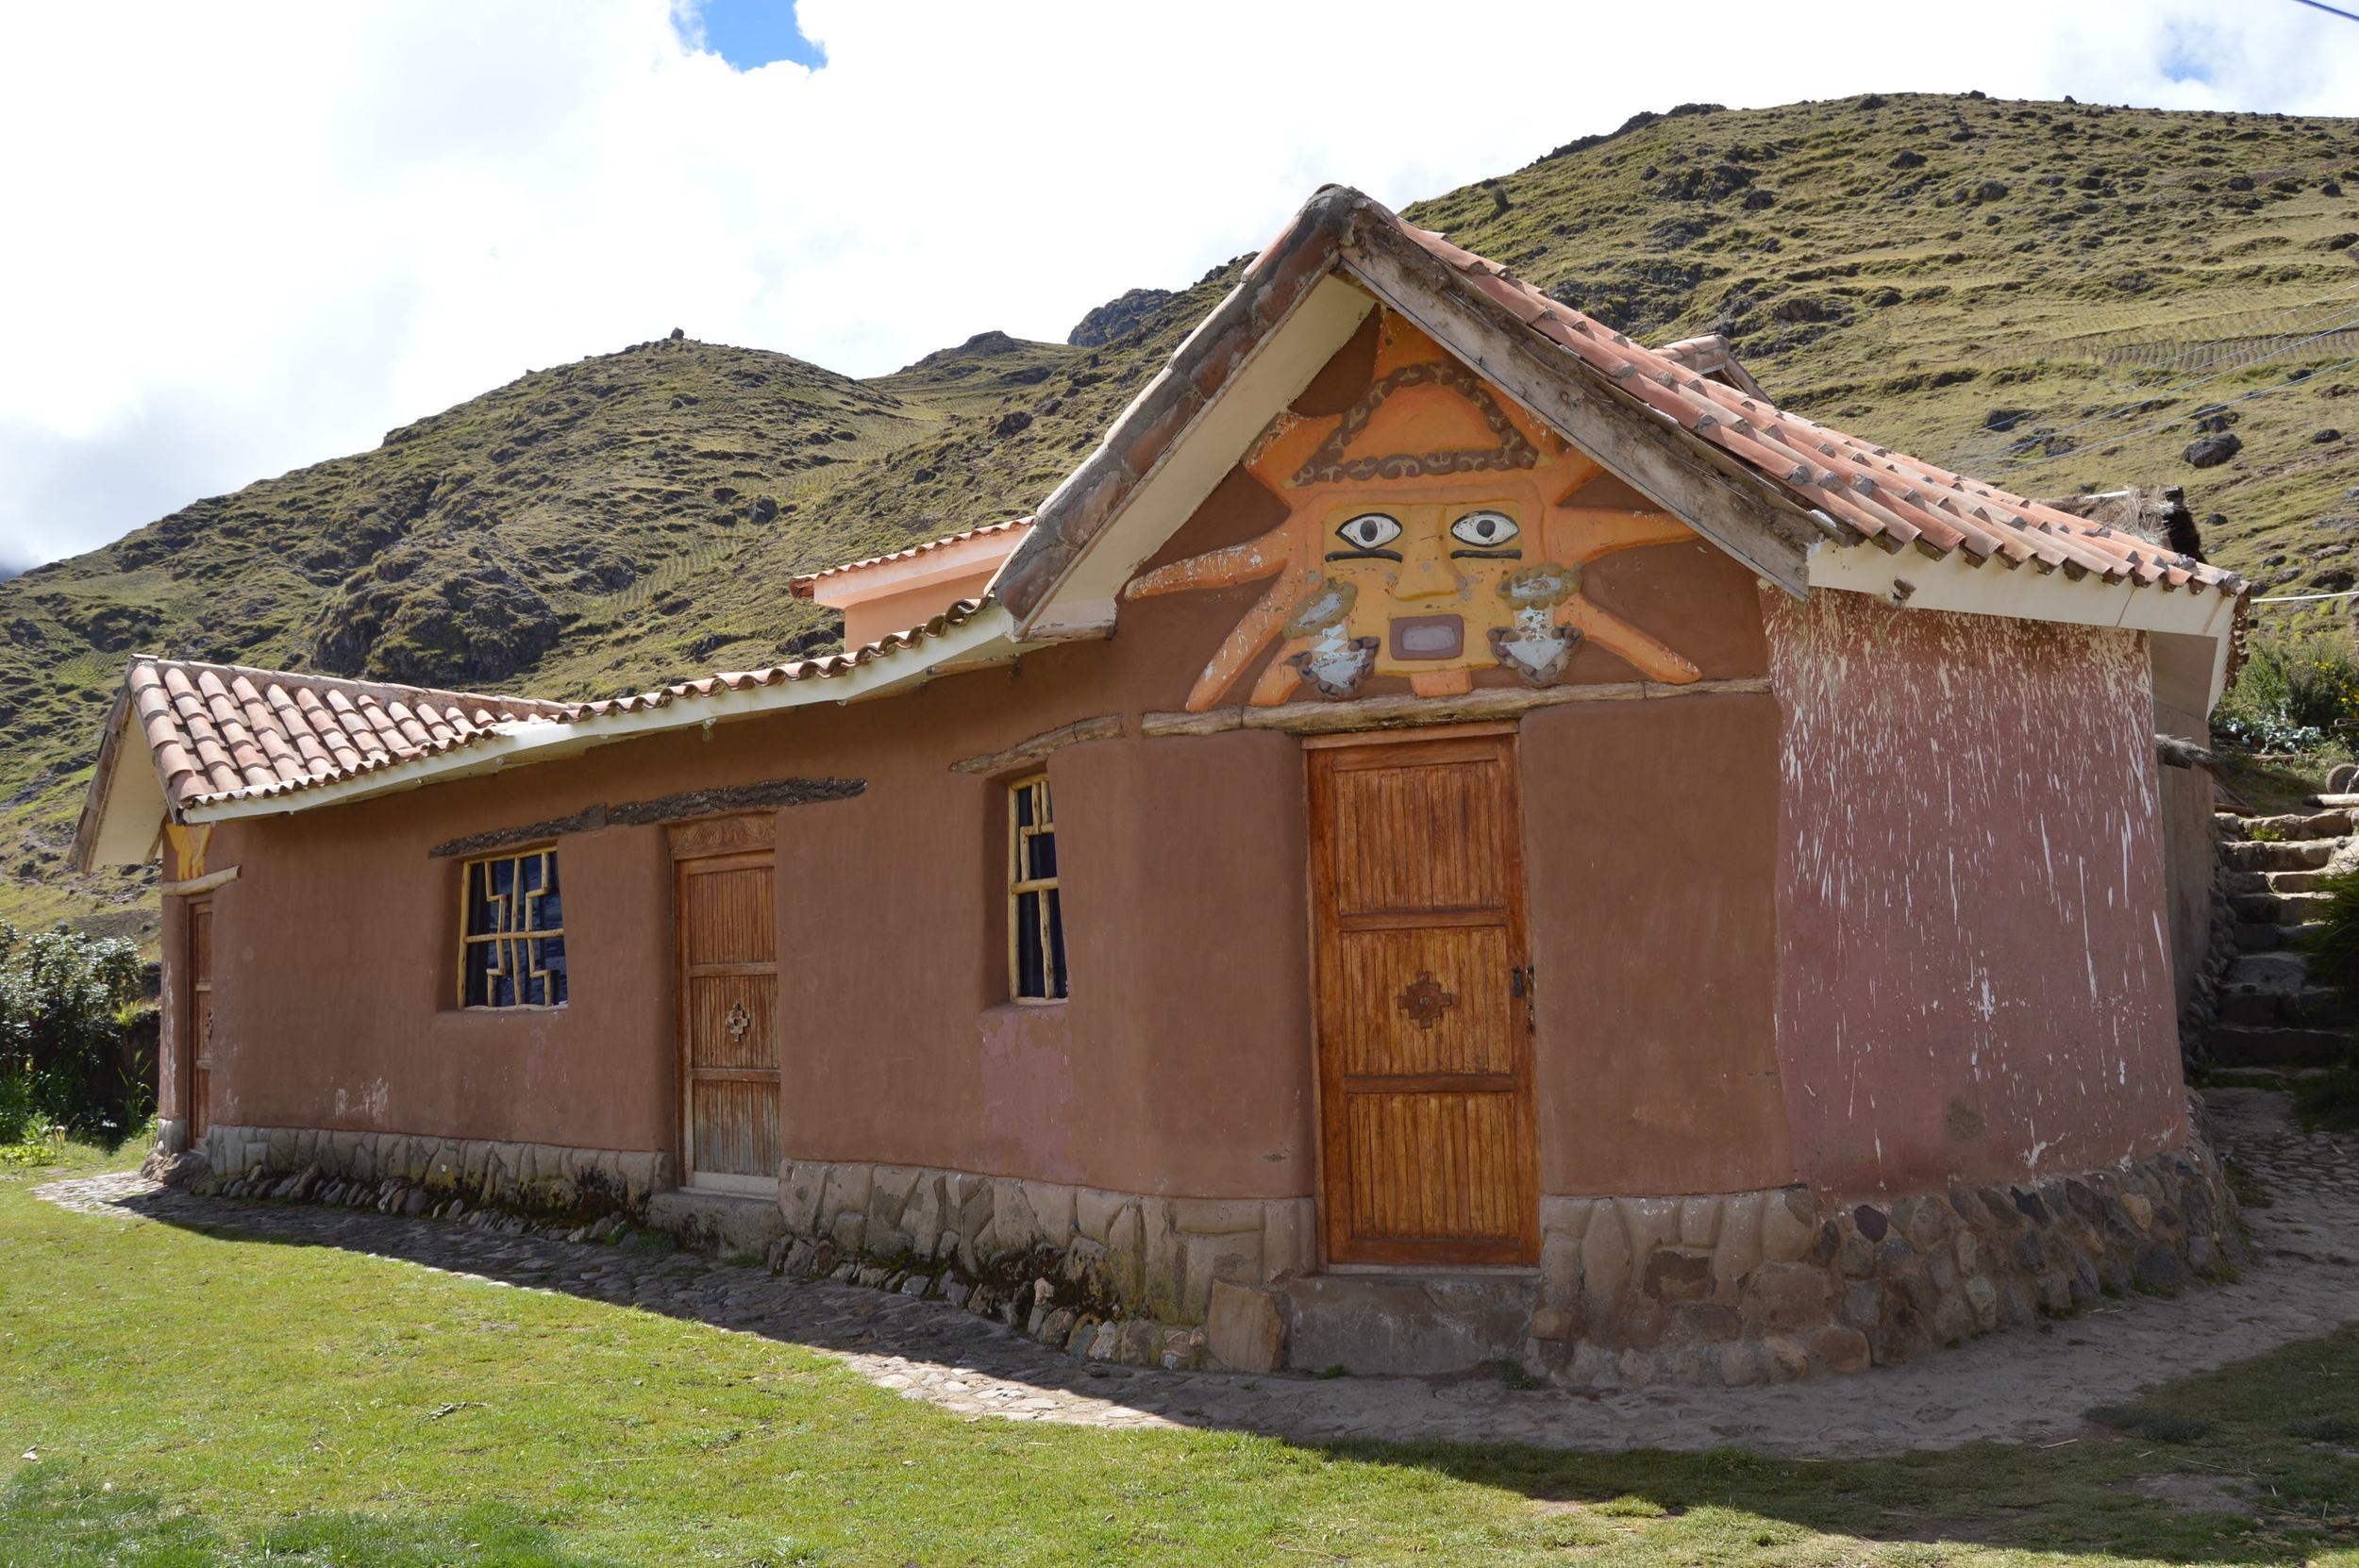 Homestay guest house at Paru Paru Community near Cusco, Peru